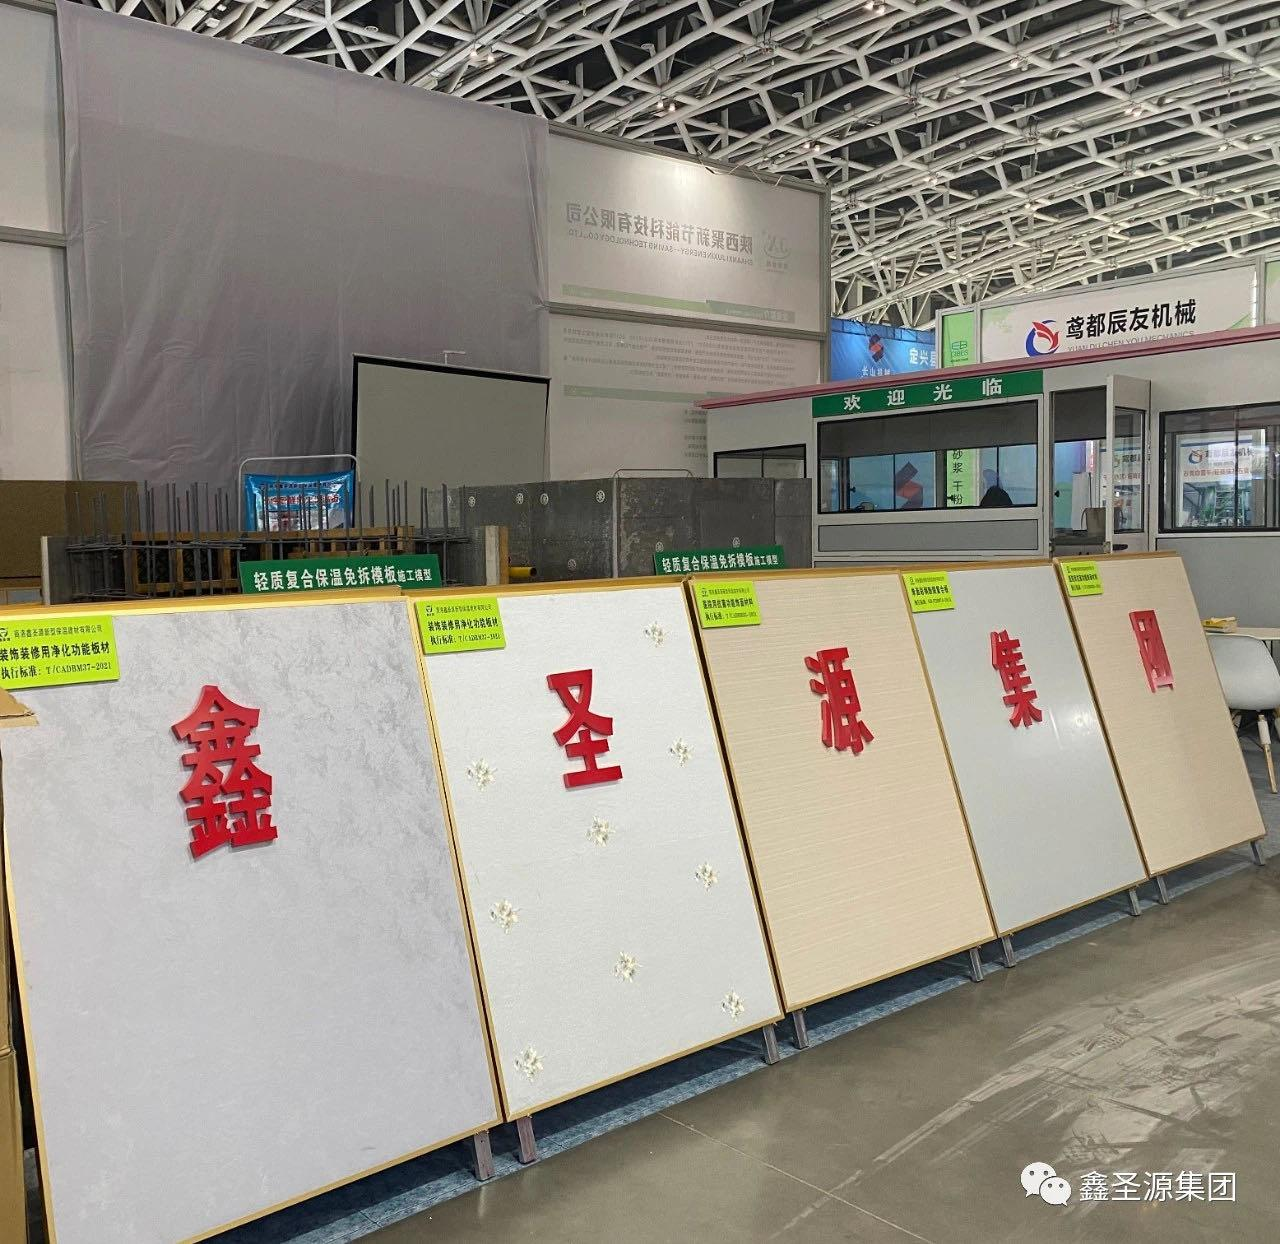 2021丝路绿色建筑产业(西安)发展大会在西安国际会展中心顺利召开,鑫圣源新型保温建材公司参展的系列产品如期亮相